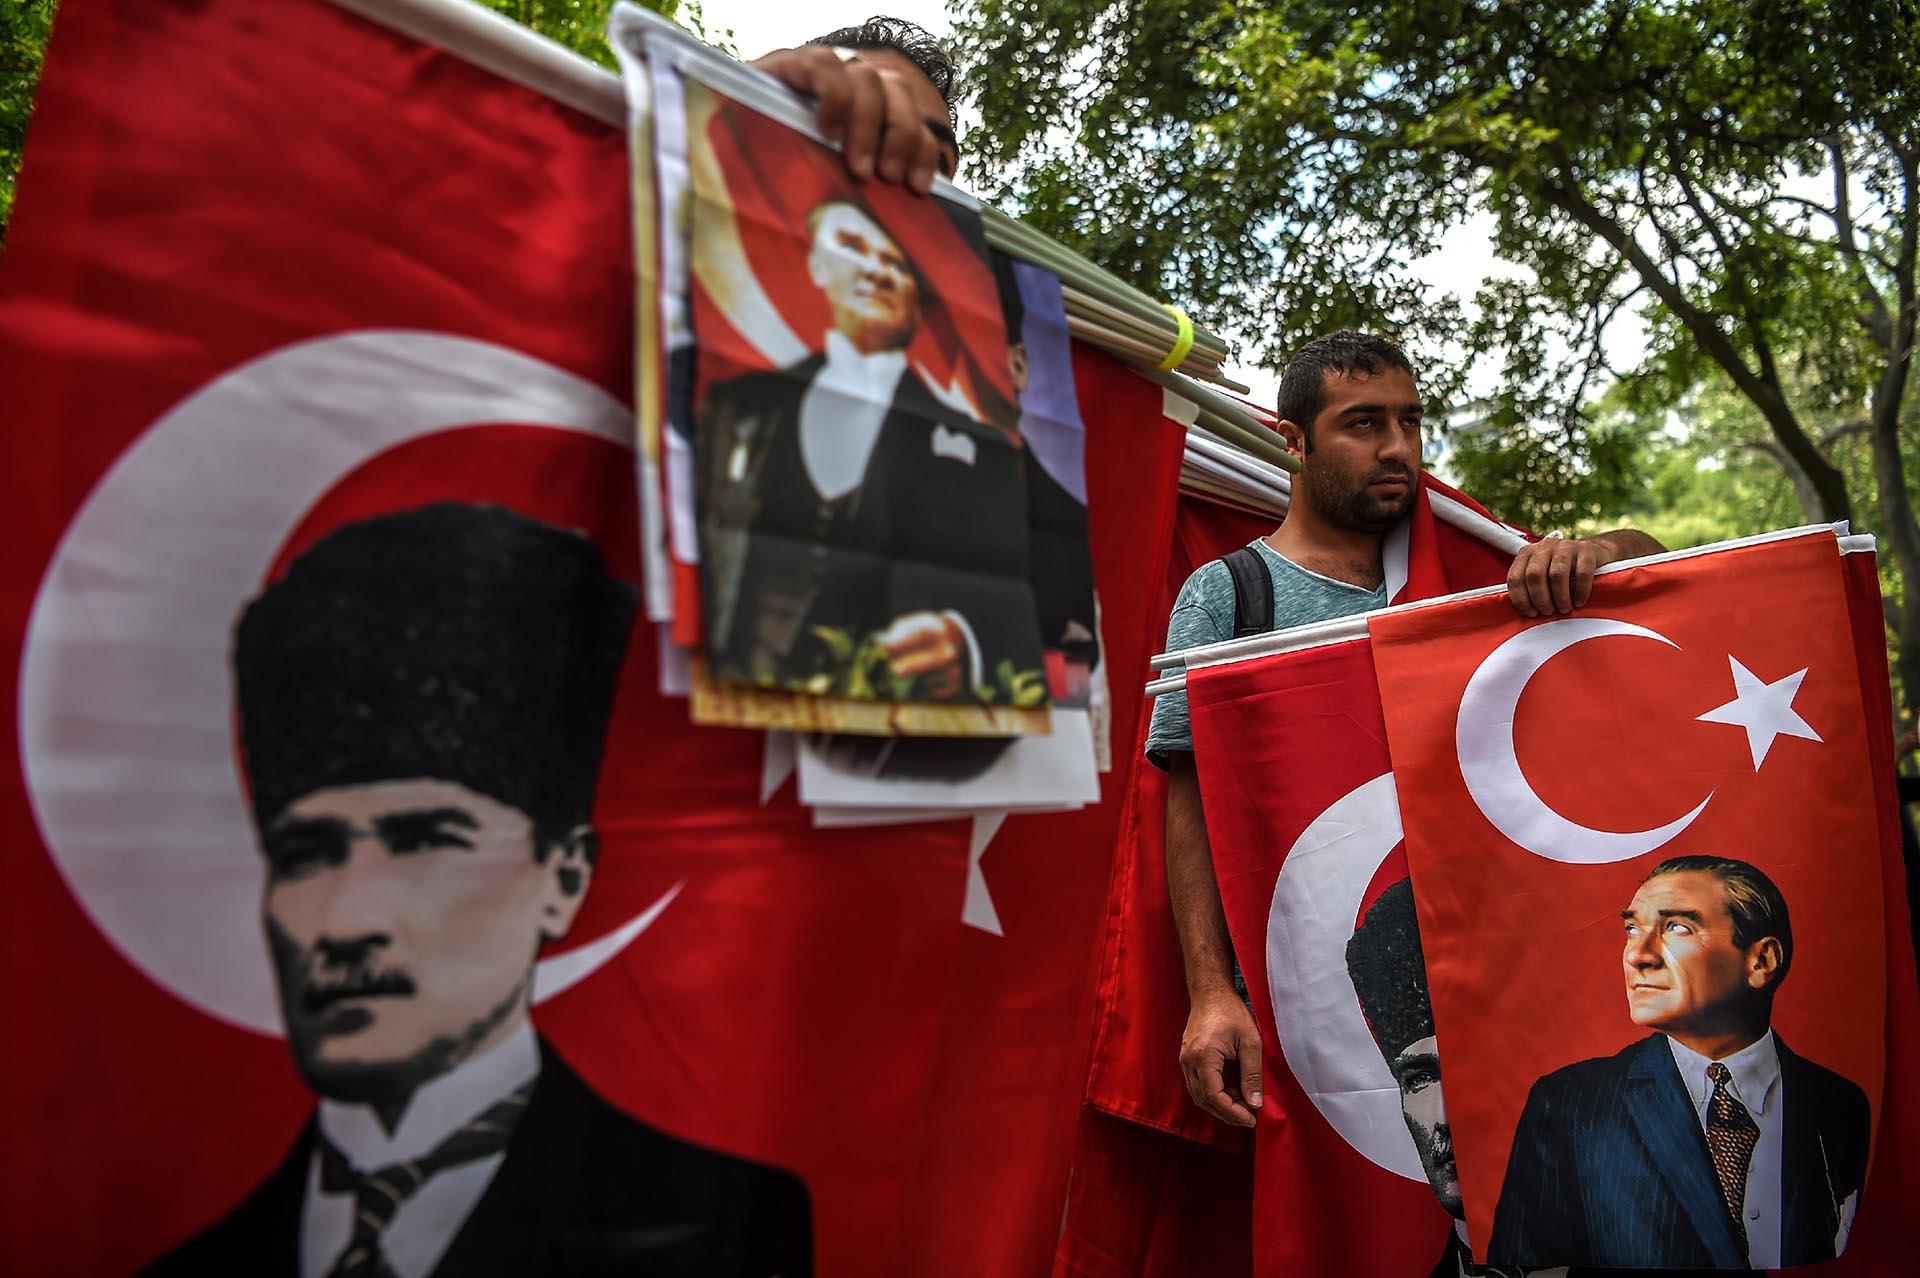 Vendedores de banderas en Estambul sostienen los retratos de Mustafa Kemal Ataturk, fundador de la Turquía moderna, durante una demostración de seguidores del principal partido de la oposición de Turquía para protestar por el encarcelamiento de uno de sus diputados